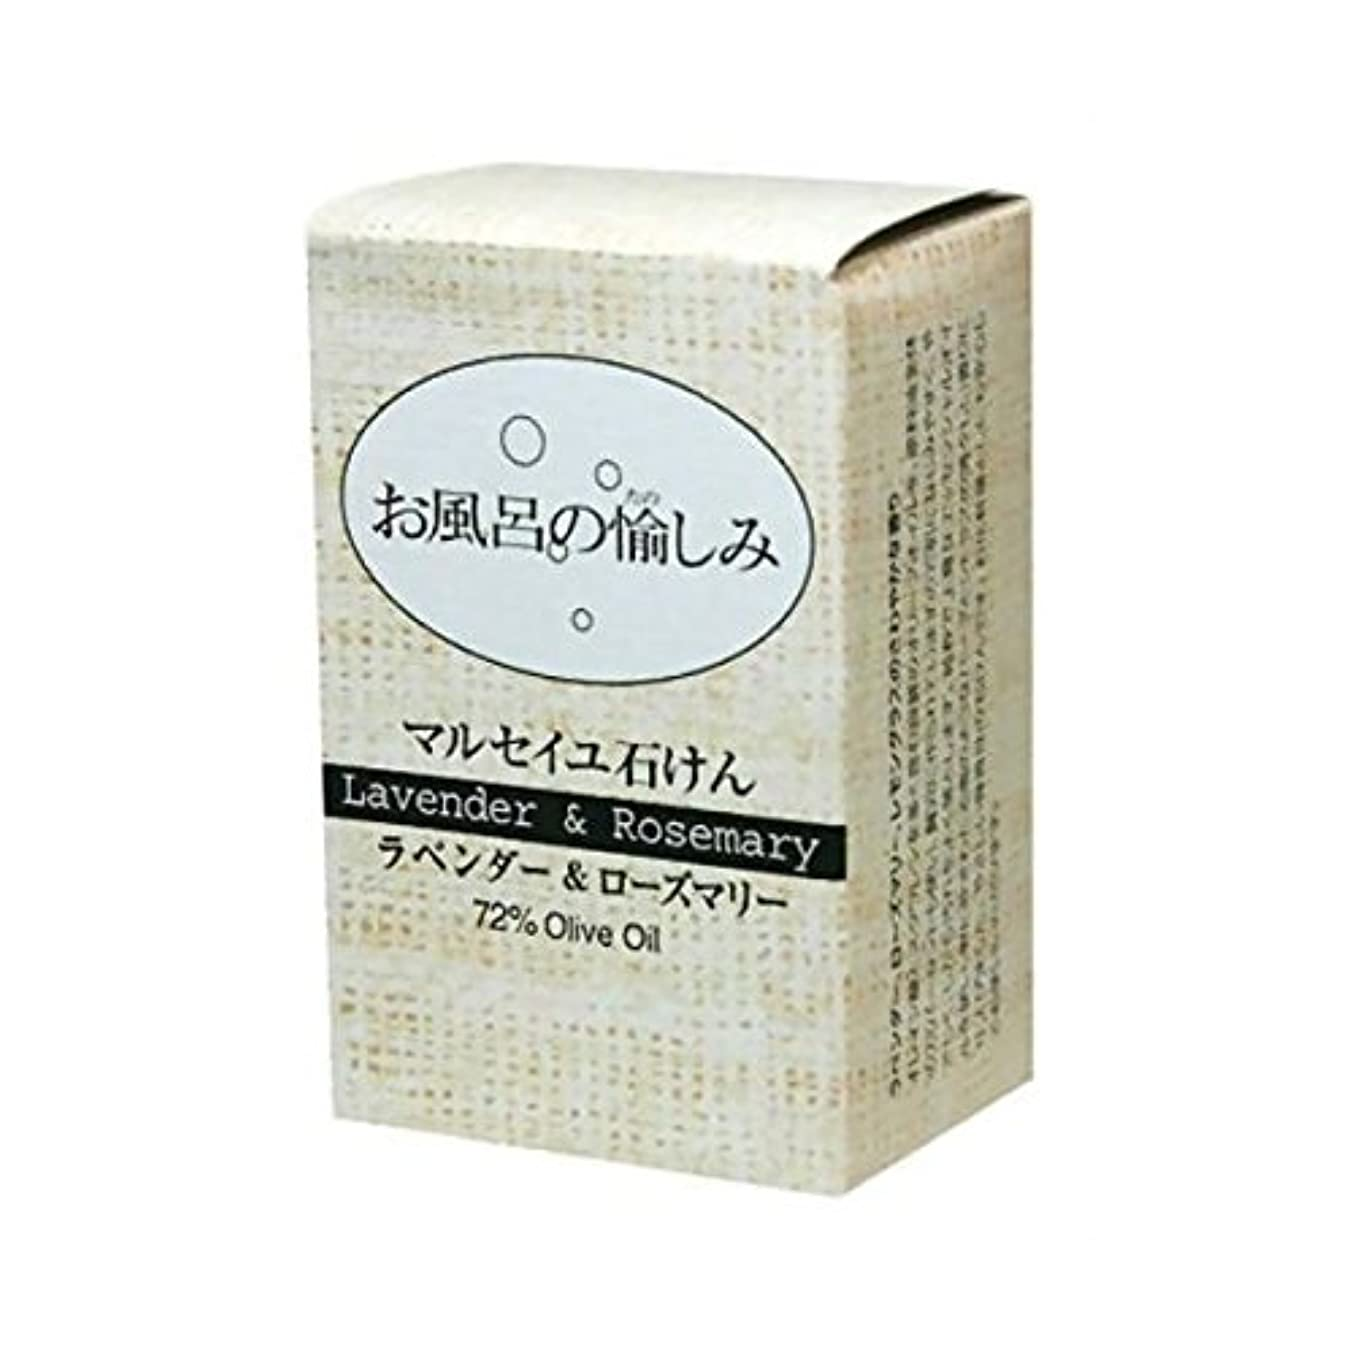 桃みなさん逆【お徳用 3 セット】 お風呂の愉しみ マルセイユ石鹸 (ラベンダー&ローズマリー)×3セット